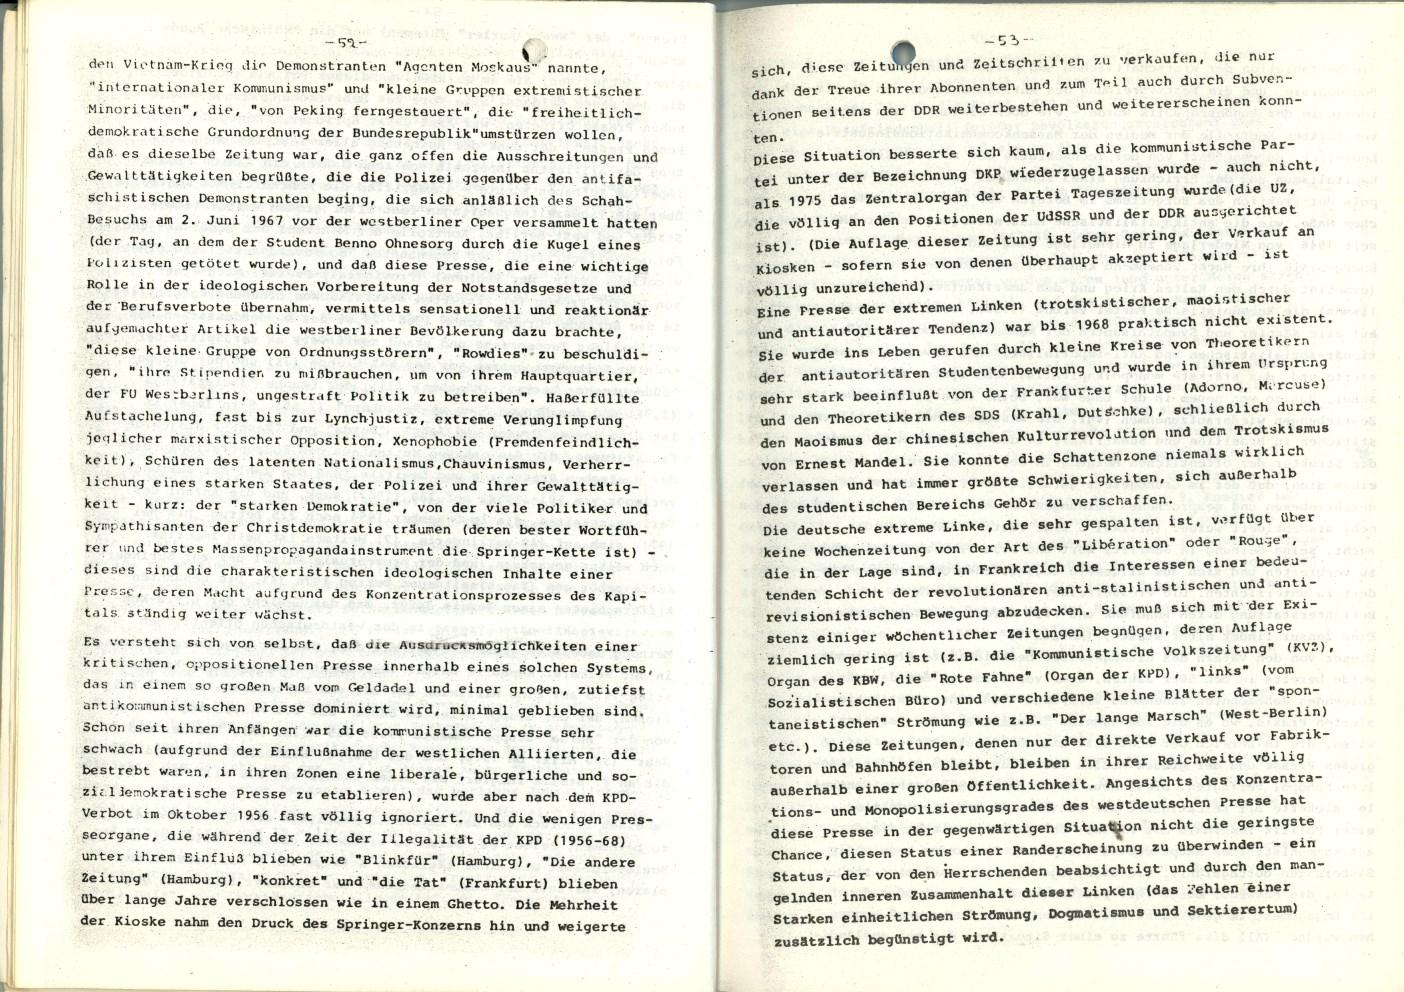 Hamburg_Vorbereitungsgruppe_Russell_Tribunal_Zensur_1978_27